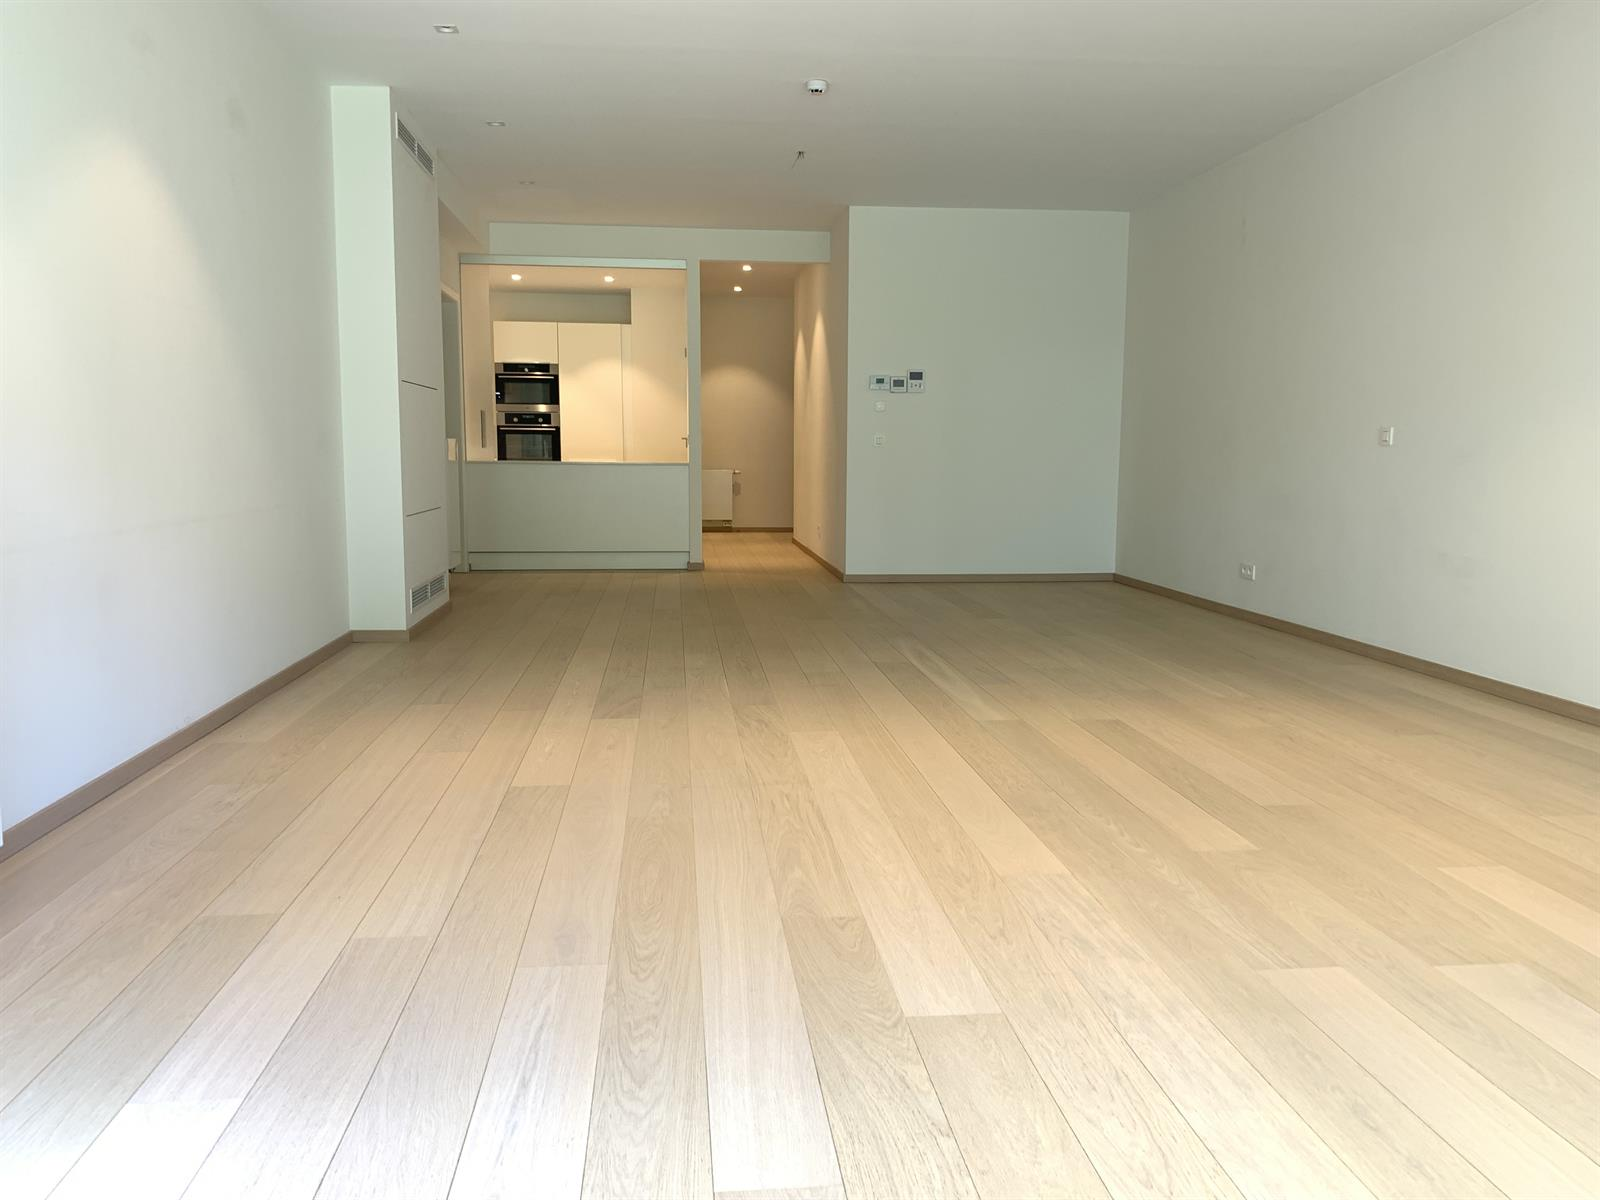 Appartement exceptionnel - Ixelles - #4392467-3